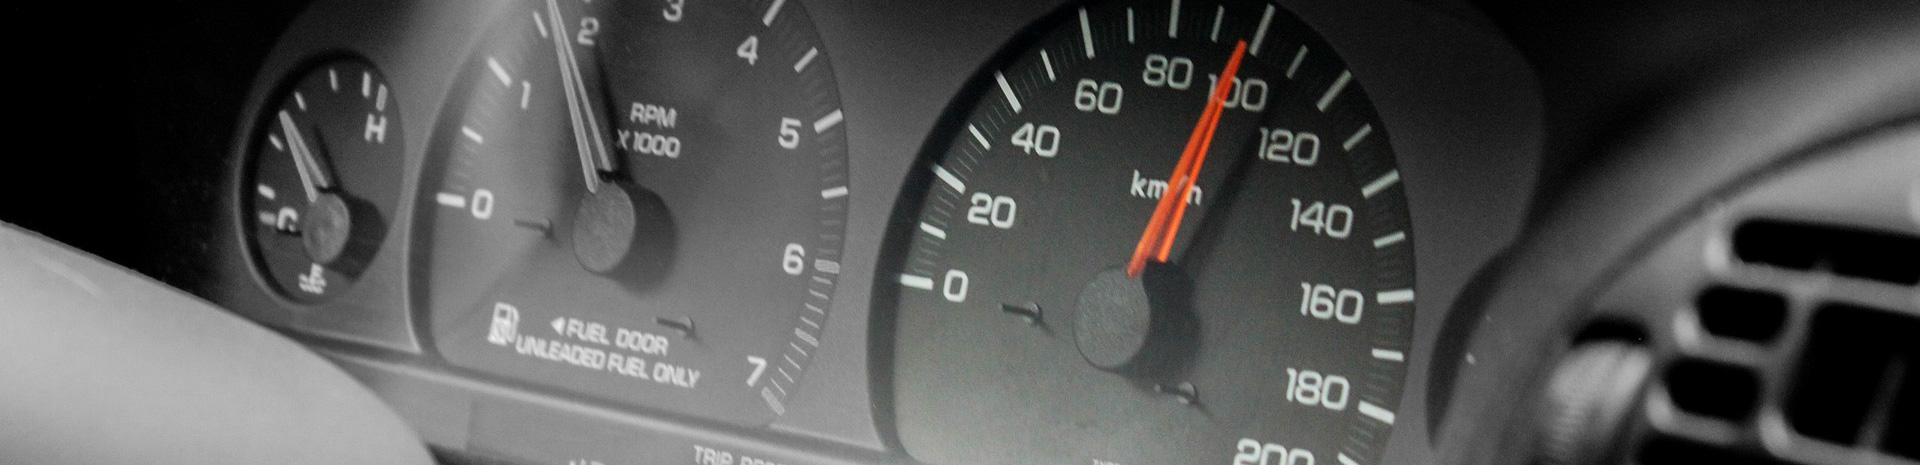 Campagne tegen te hard rijden | Letselschadebureau LetselPro